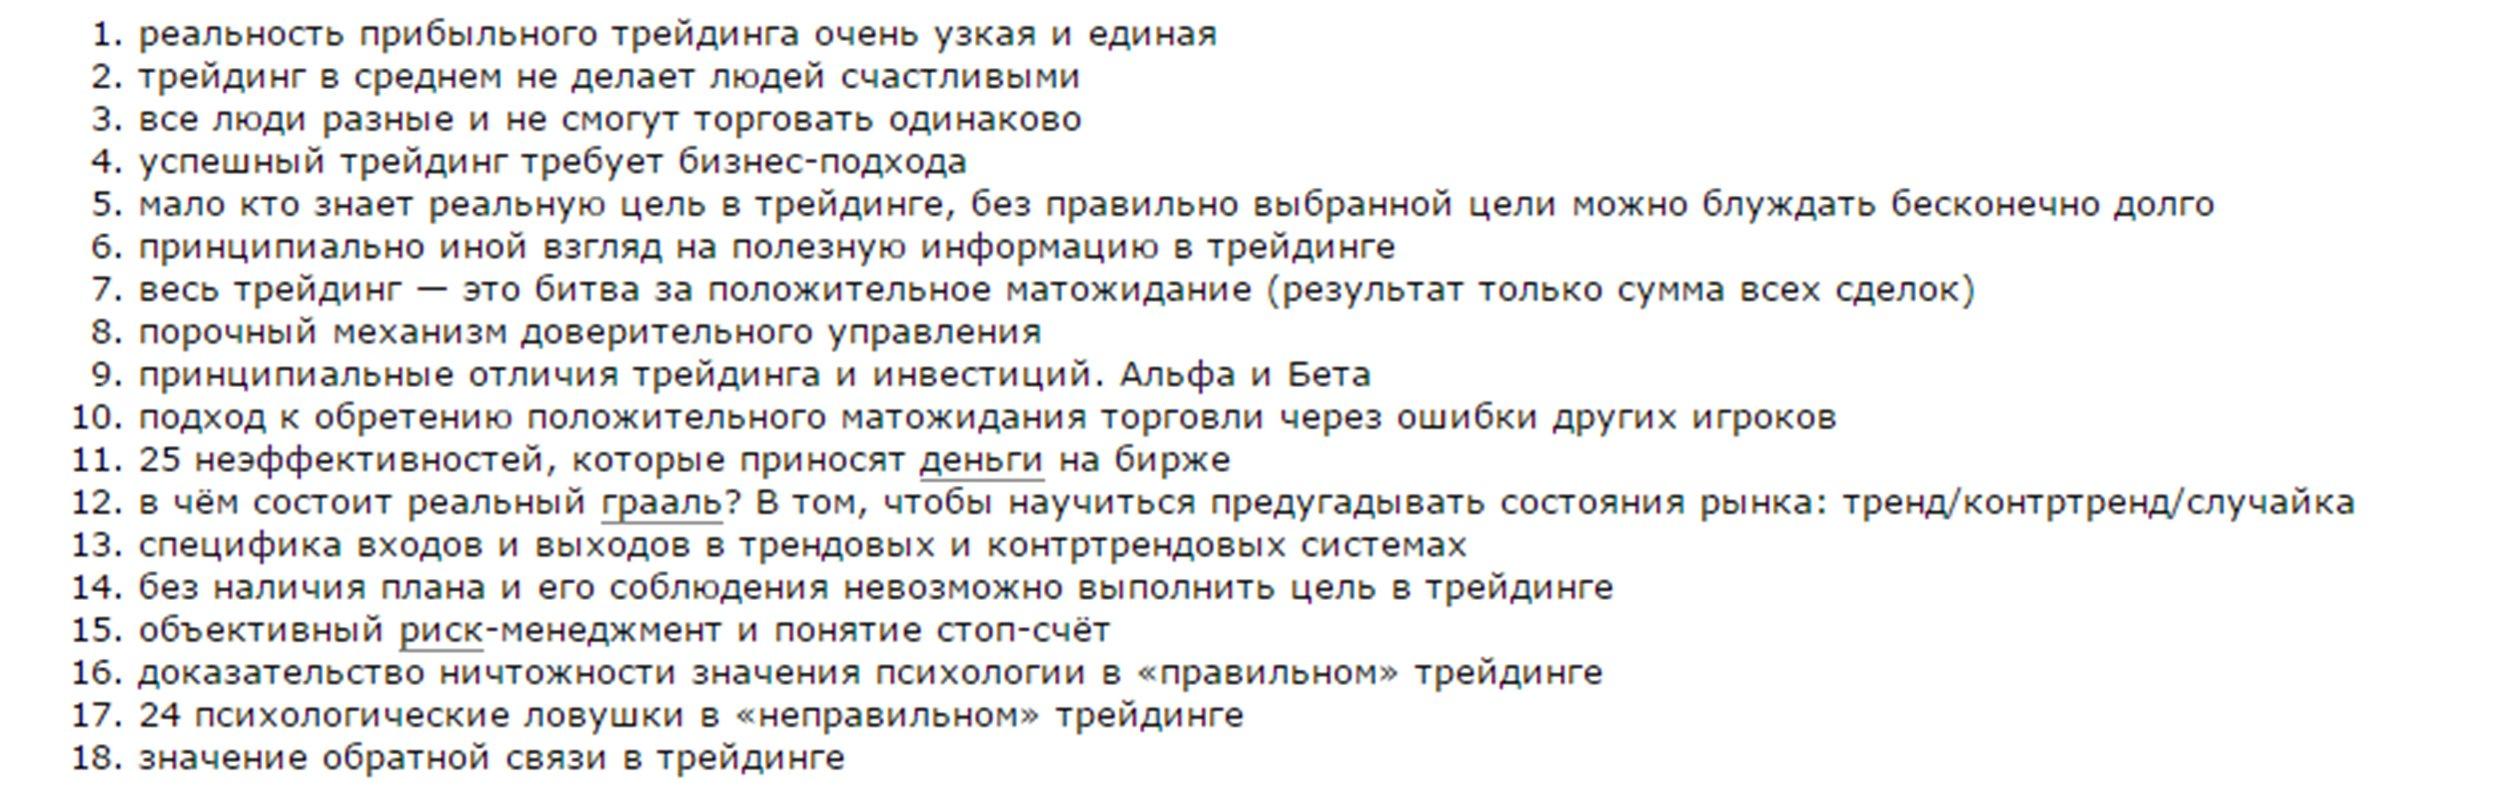 Тимофей Мартынов «Механизм трейдинга» (рецензия)